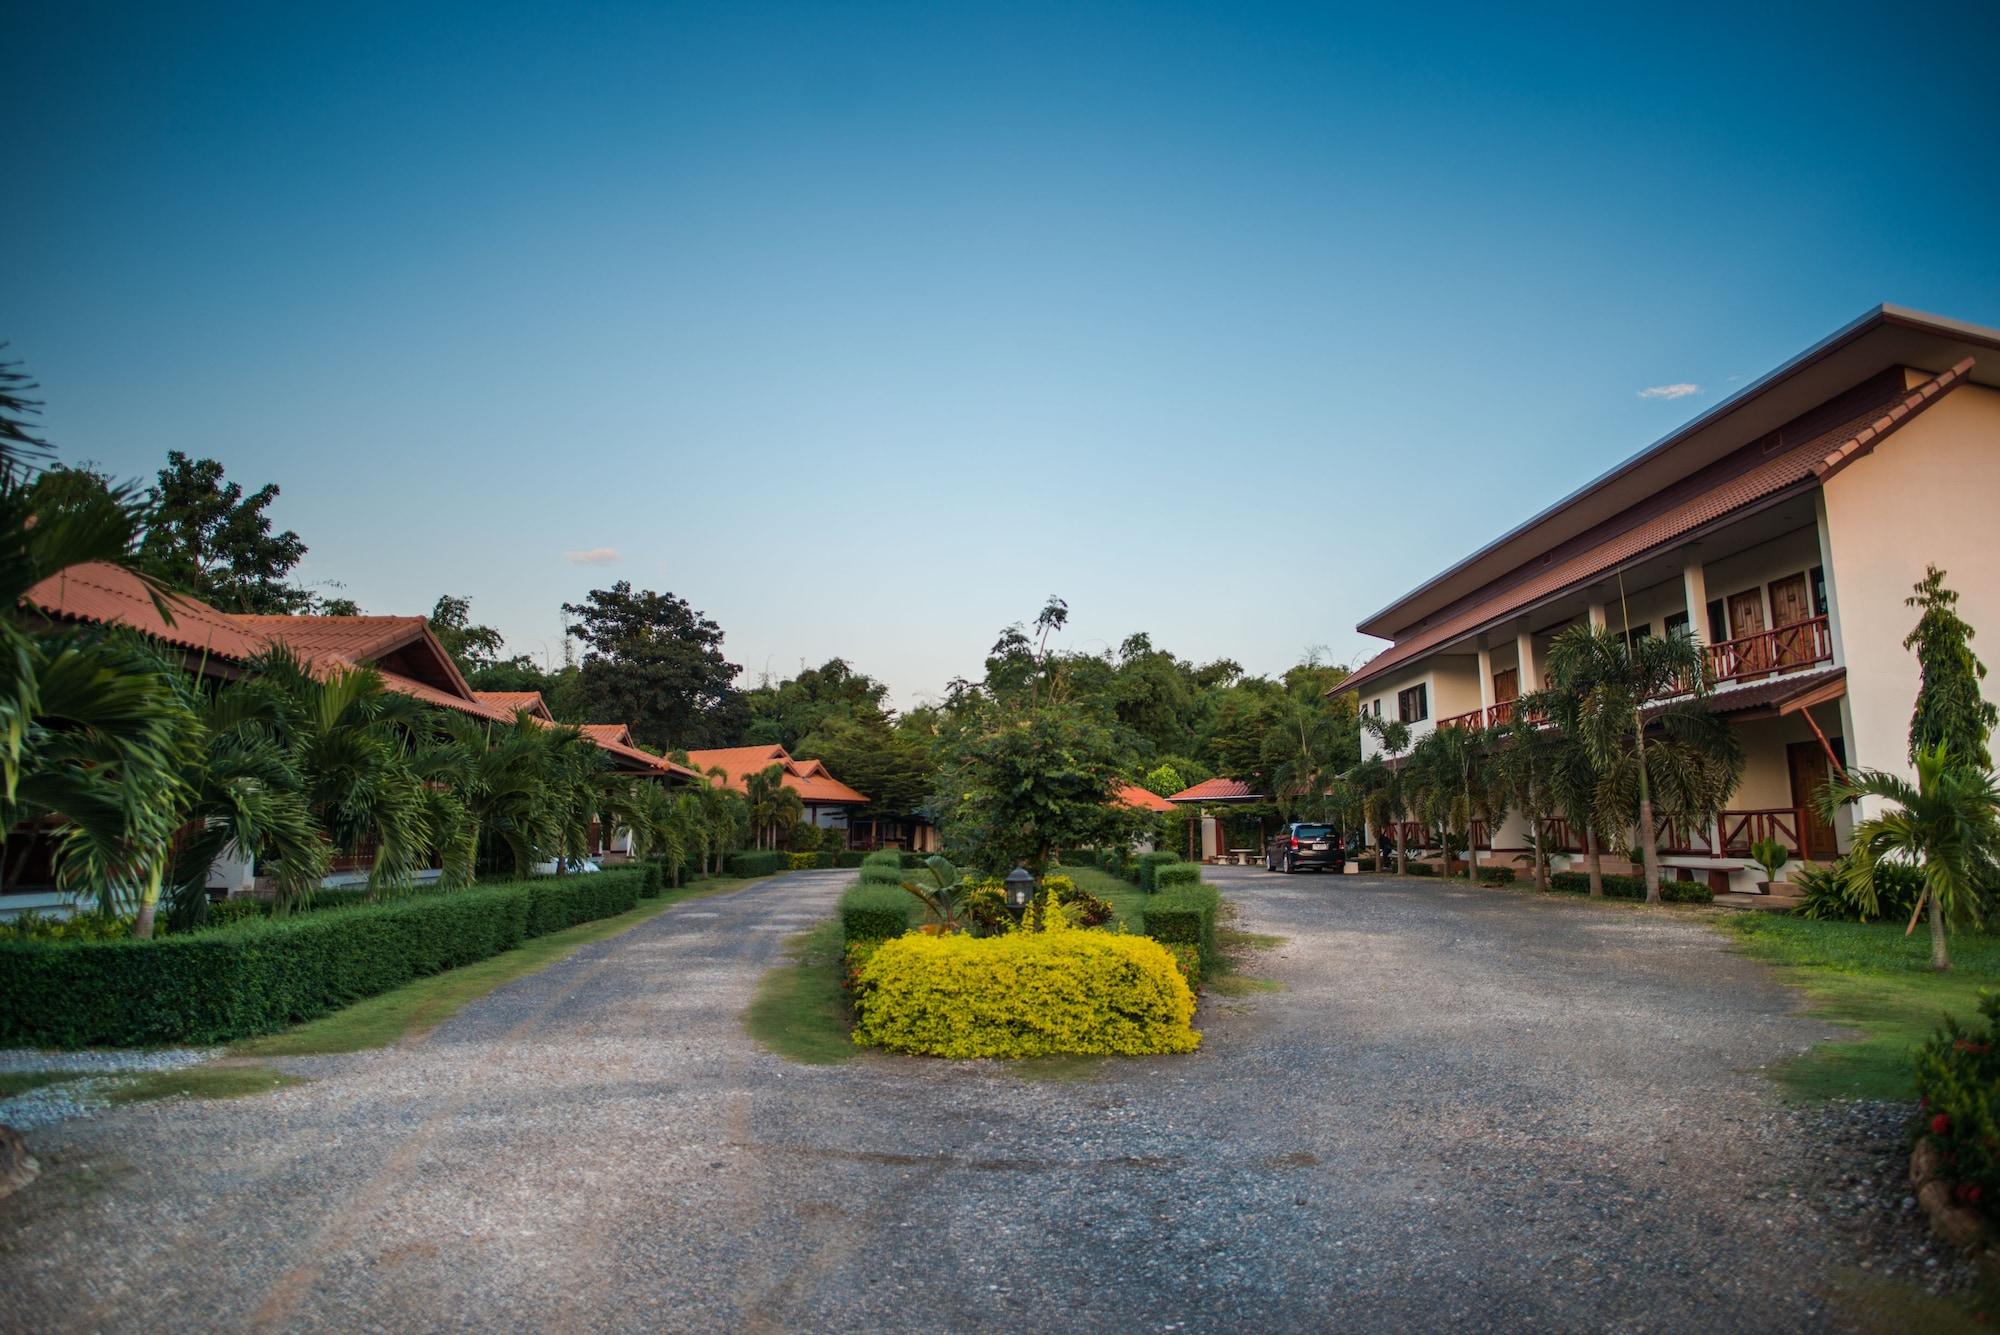 Chiang Kham Tilue Resort, Chiang Kham